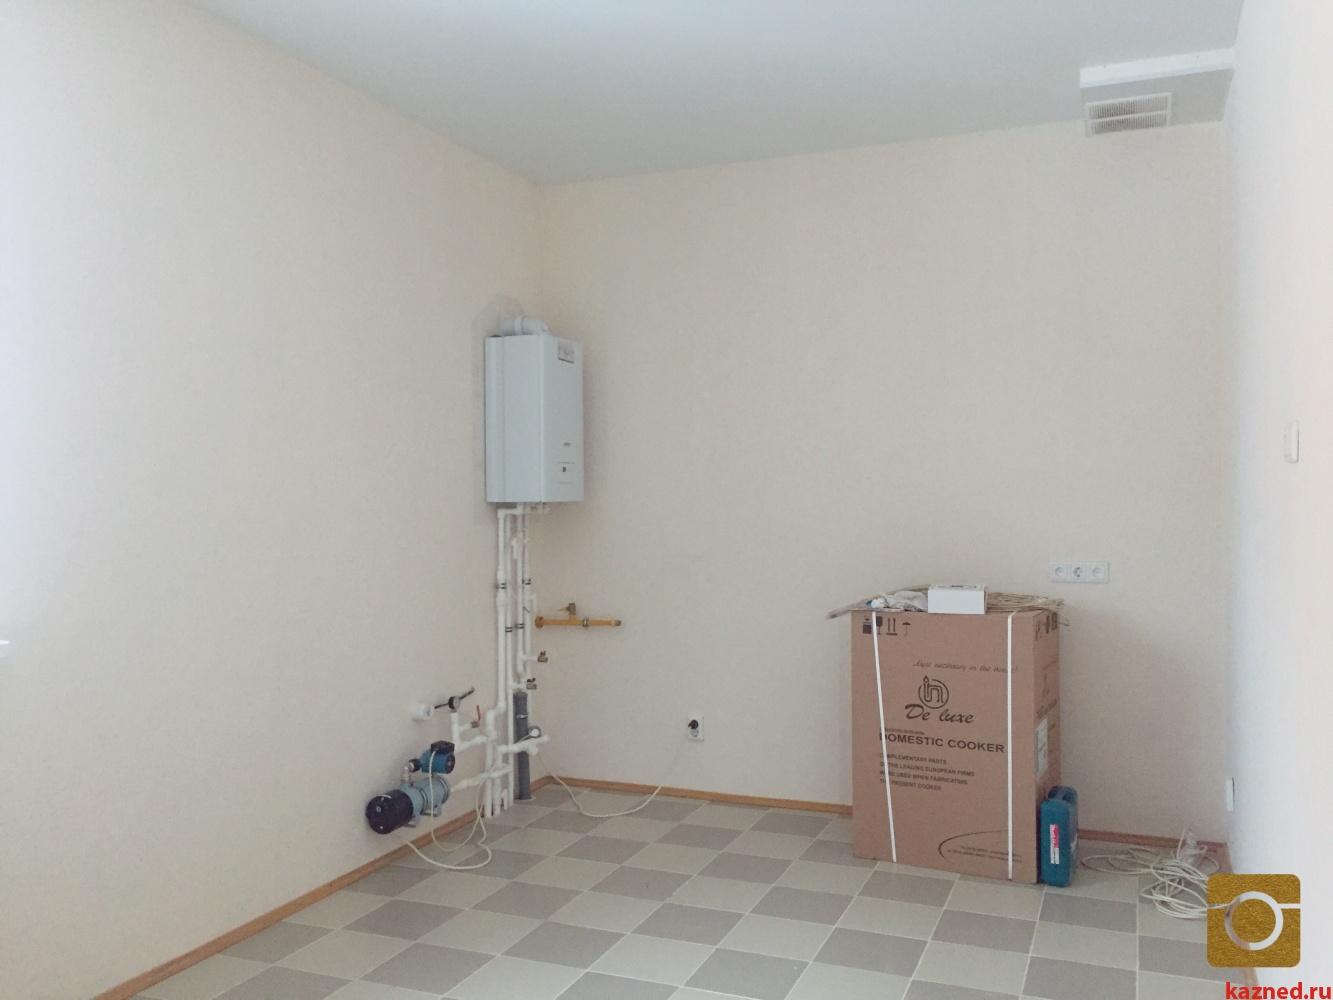 Продажа 3-к квартиры молодецкого 25б, 103 м²  (миниатюра №10)